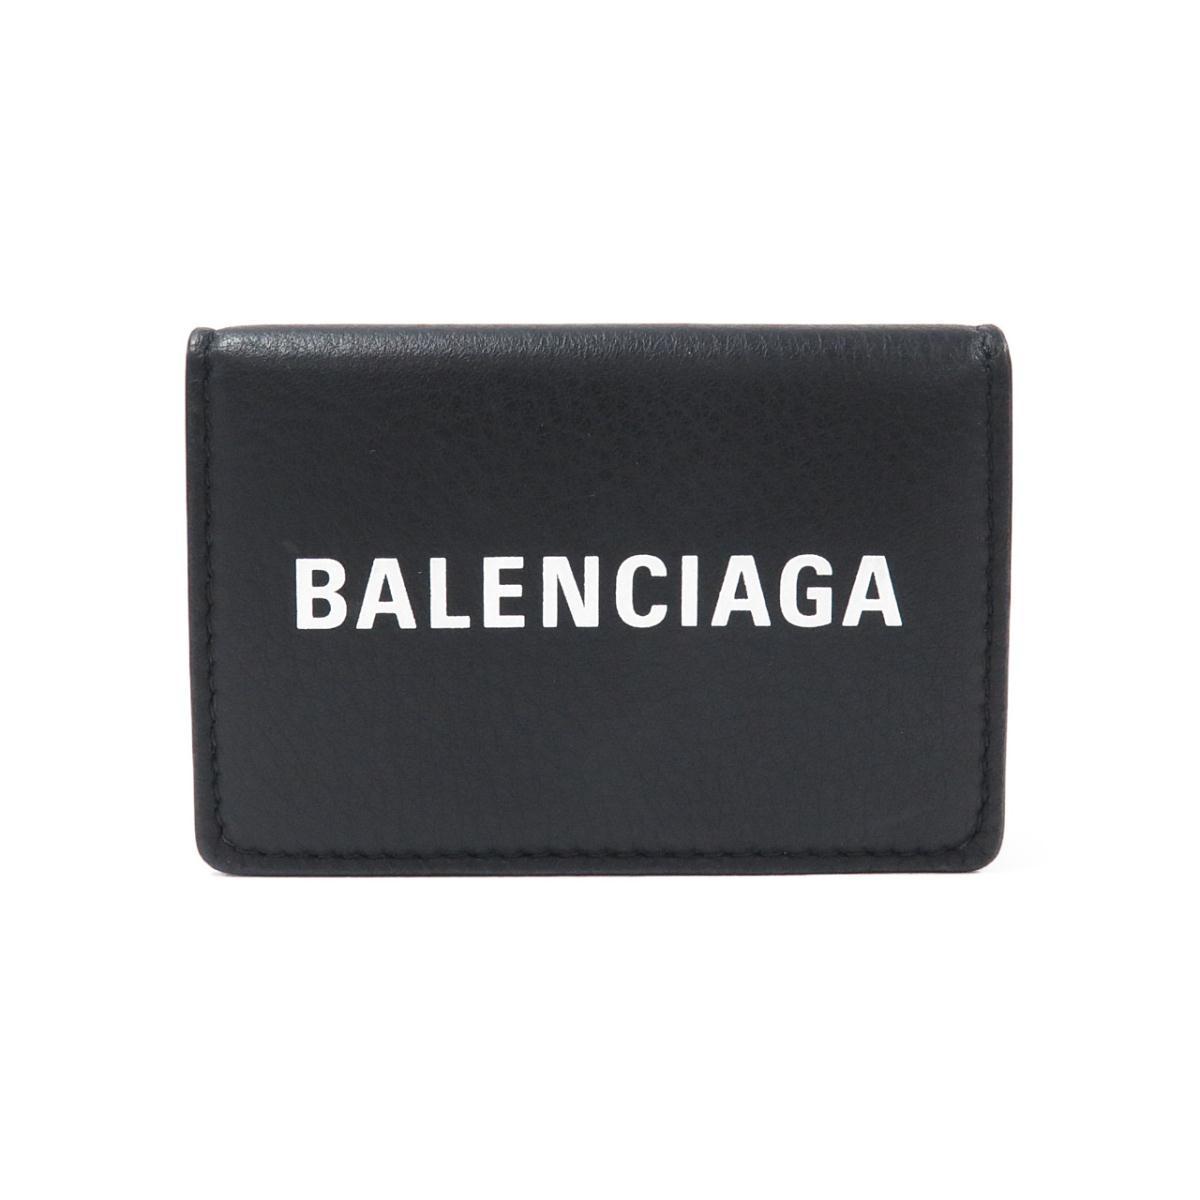 バレンシアガ 財布 516402 DLQ4N【中古】